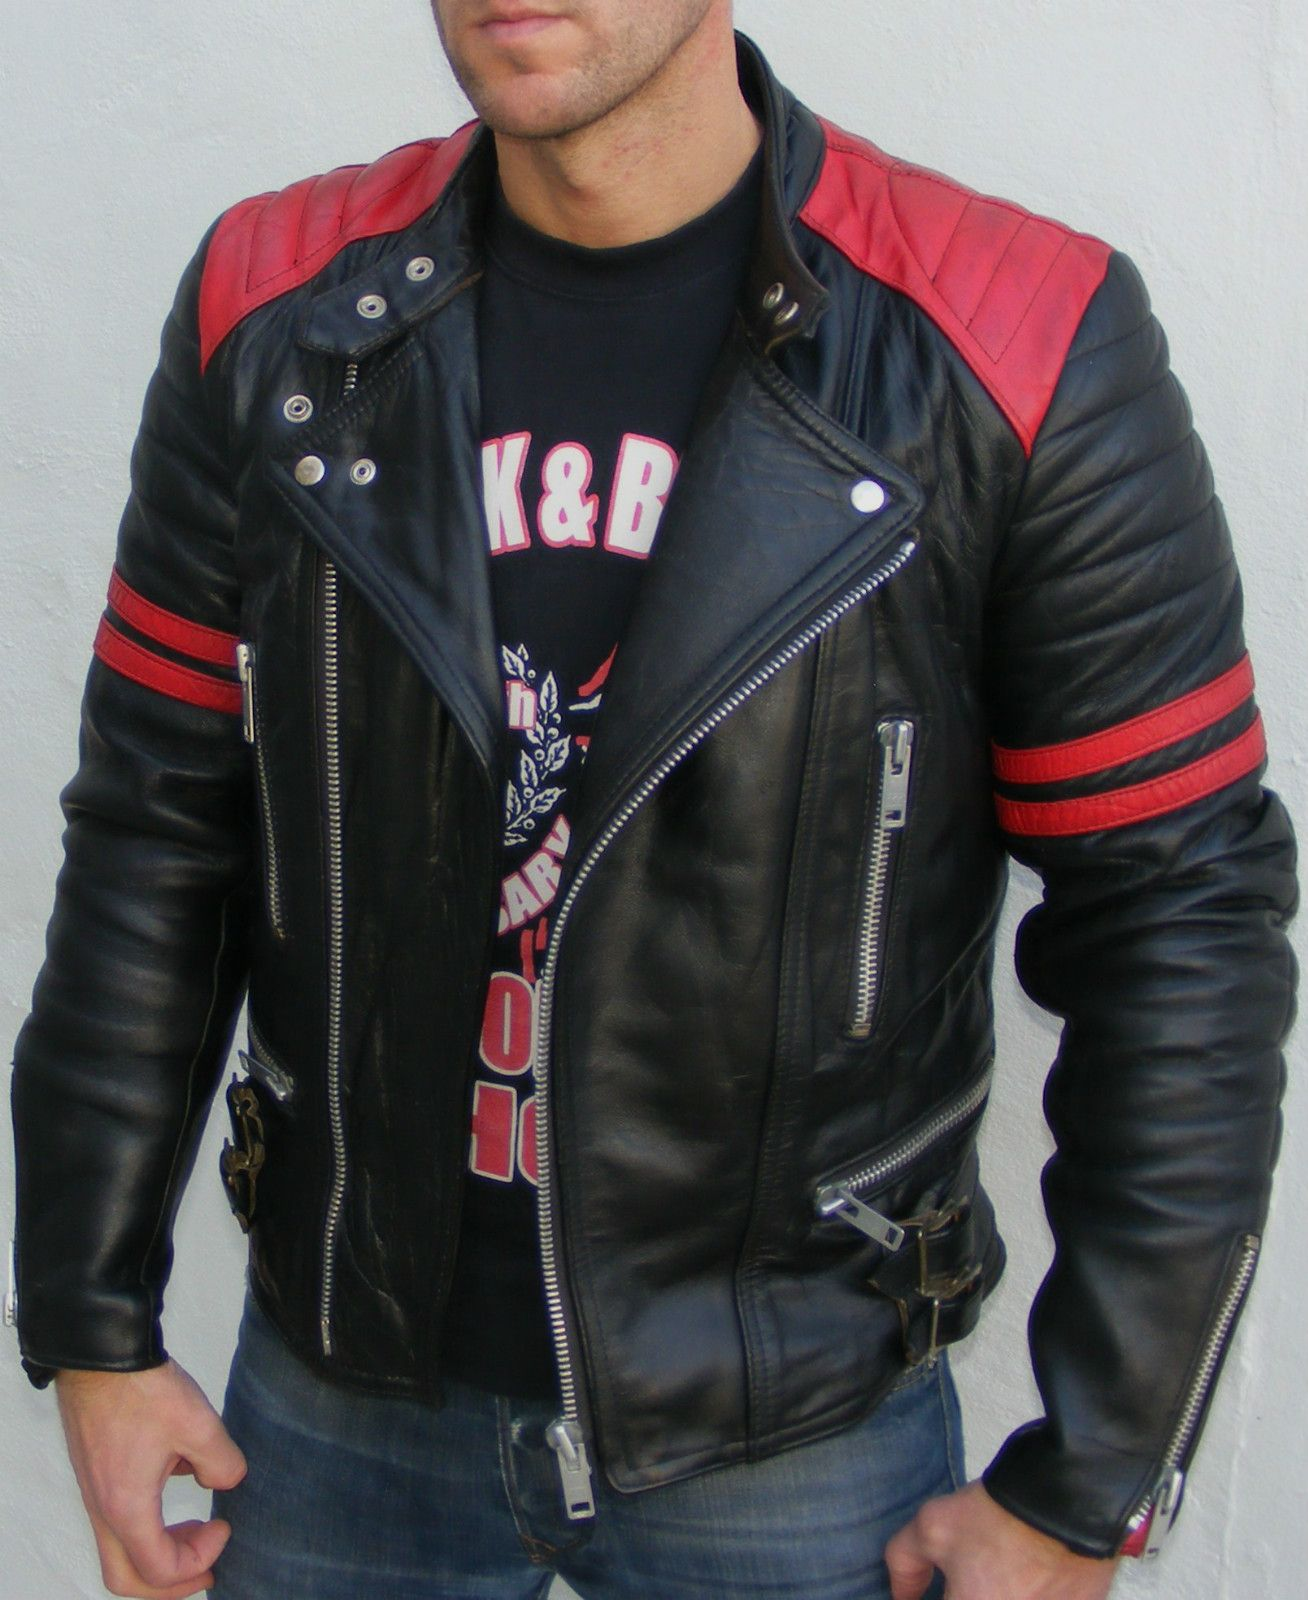 319a77a5d5766 MIDNIGHT Vtg leather biker cafe racer jacket 36 small mens black red  rockabilly bobber